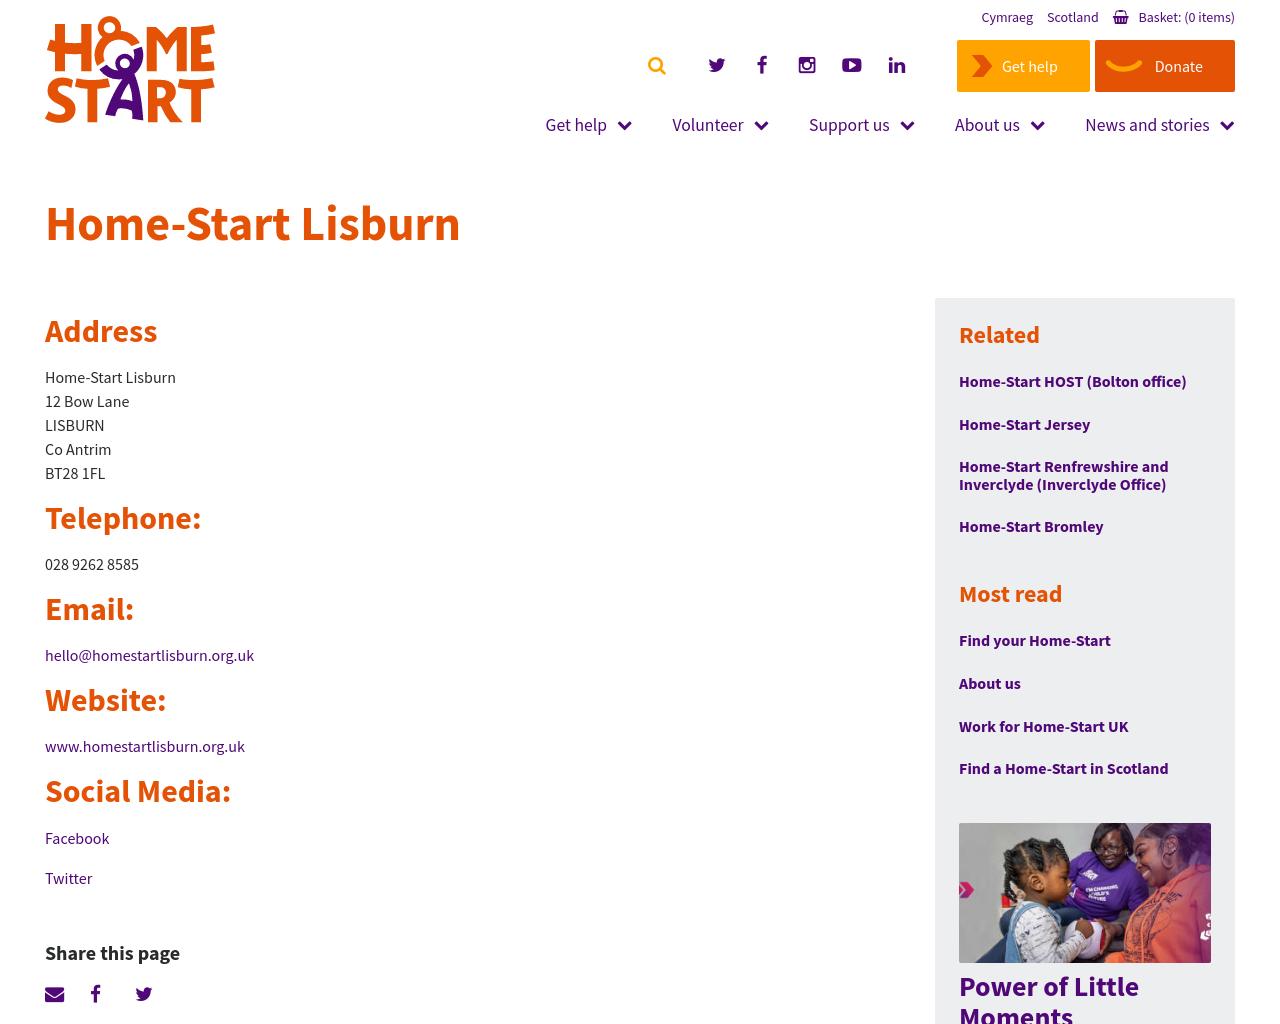 Home-Start Lisburn